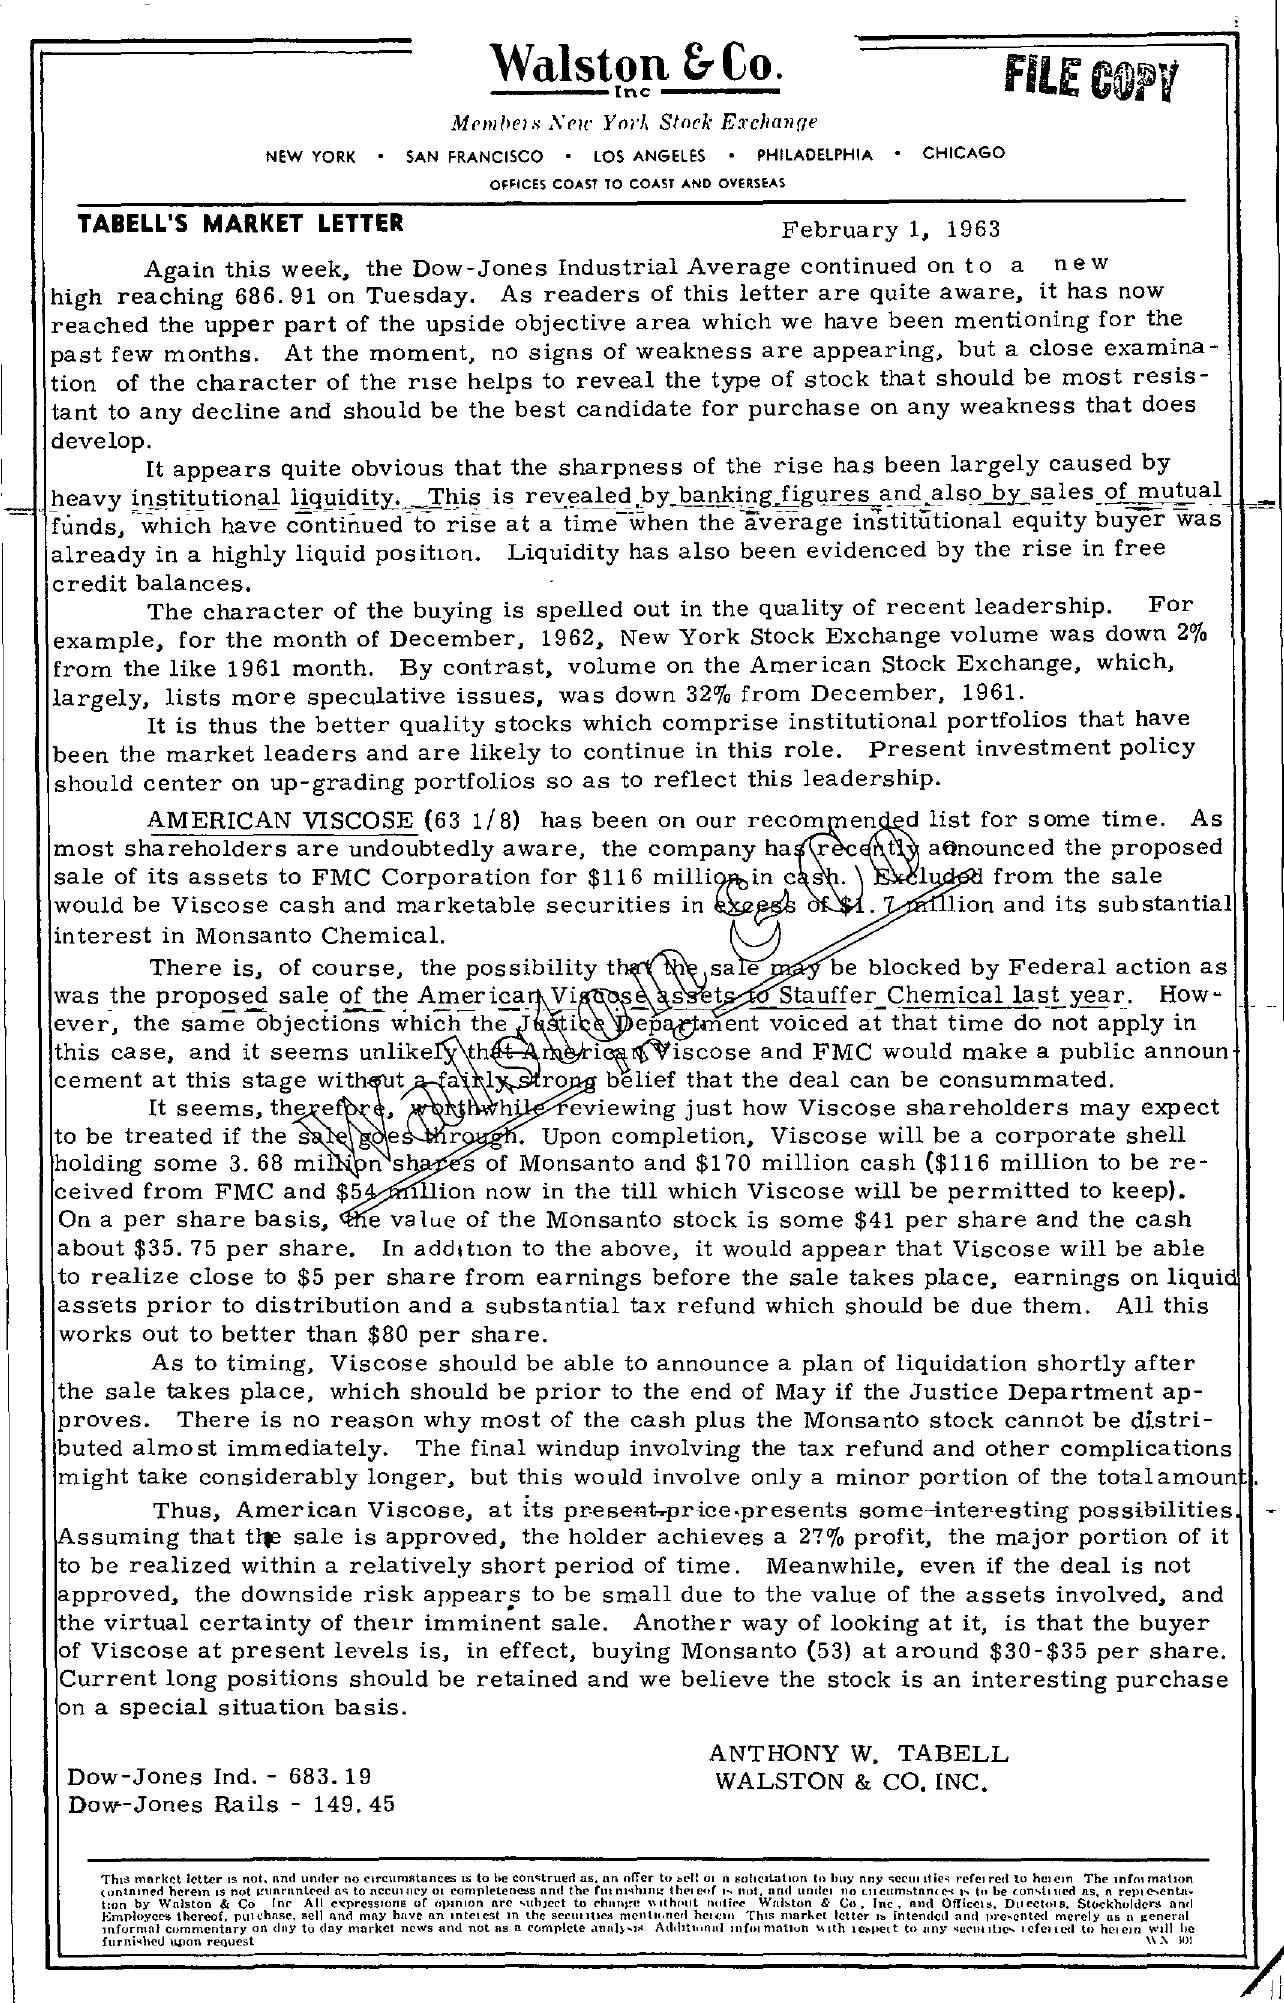 Tabell's Market Letter - February 01, 1963